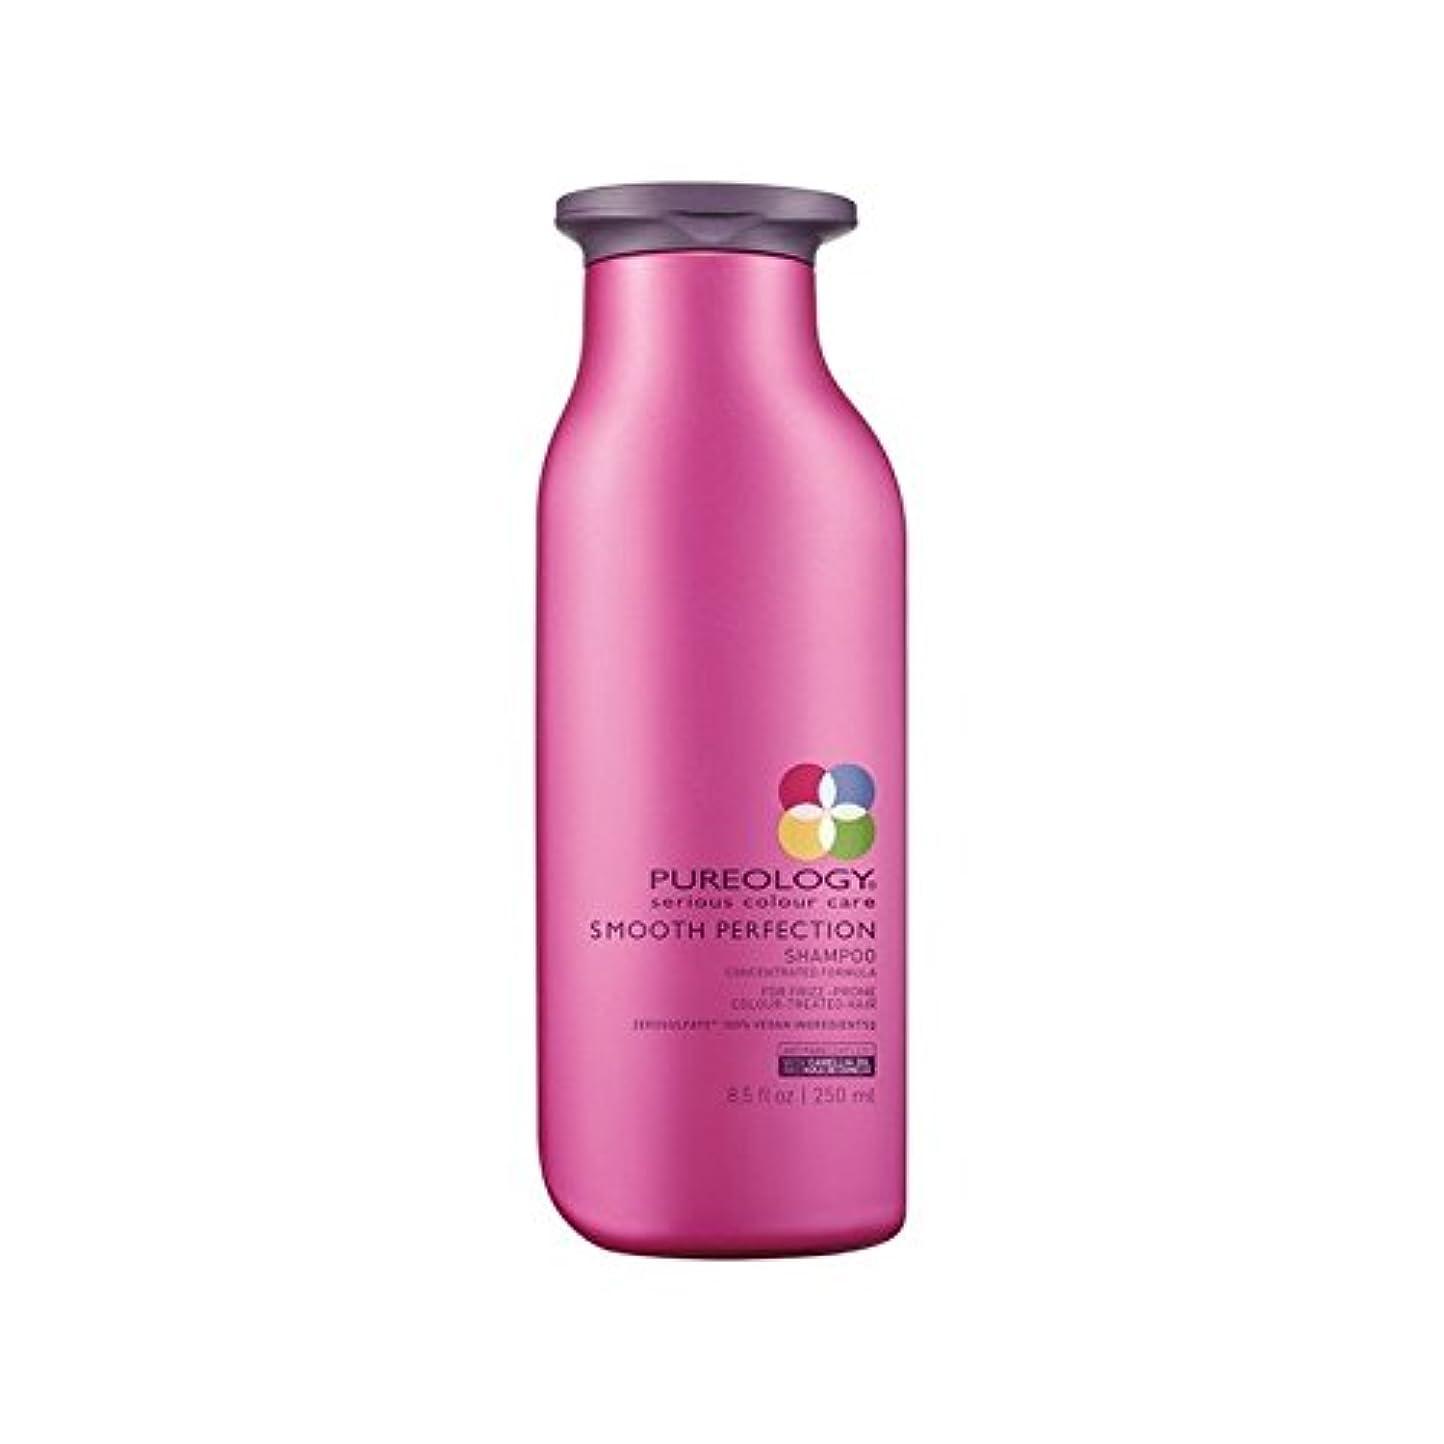 便益うなるフレームワークPureology Smooth Perfection Shampoo (250ml) - 平滑完全シャンプー(250ミリリットル) [並行輸入品]